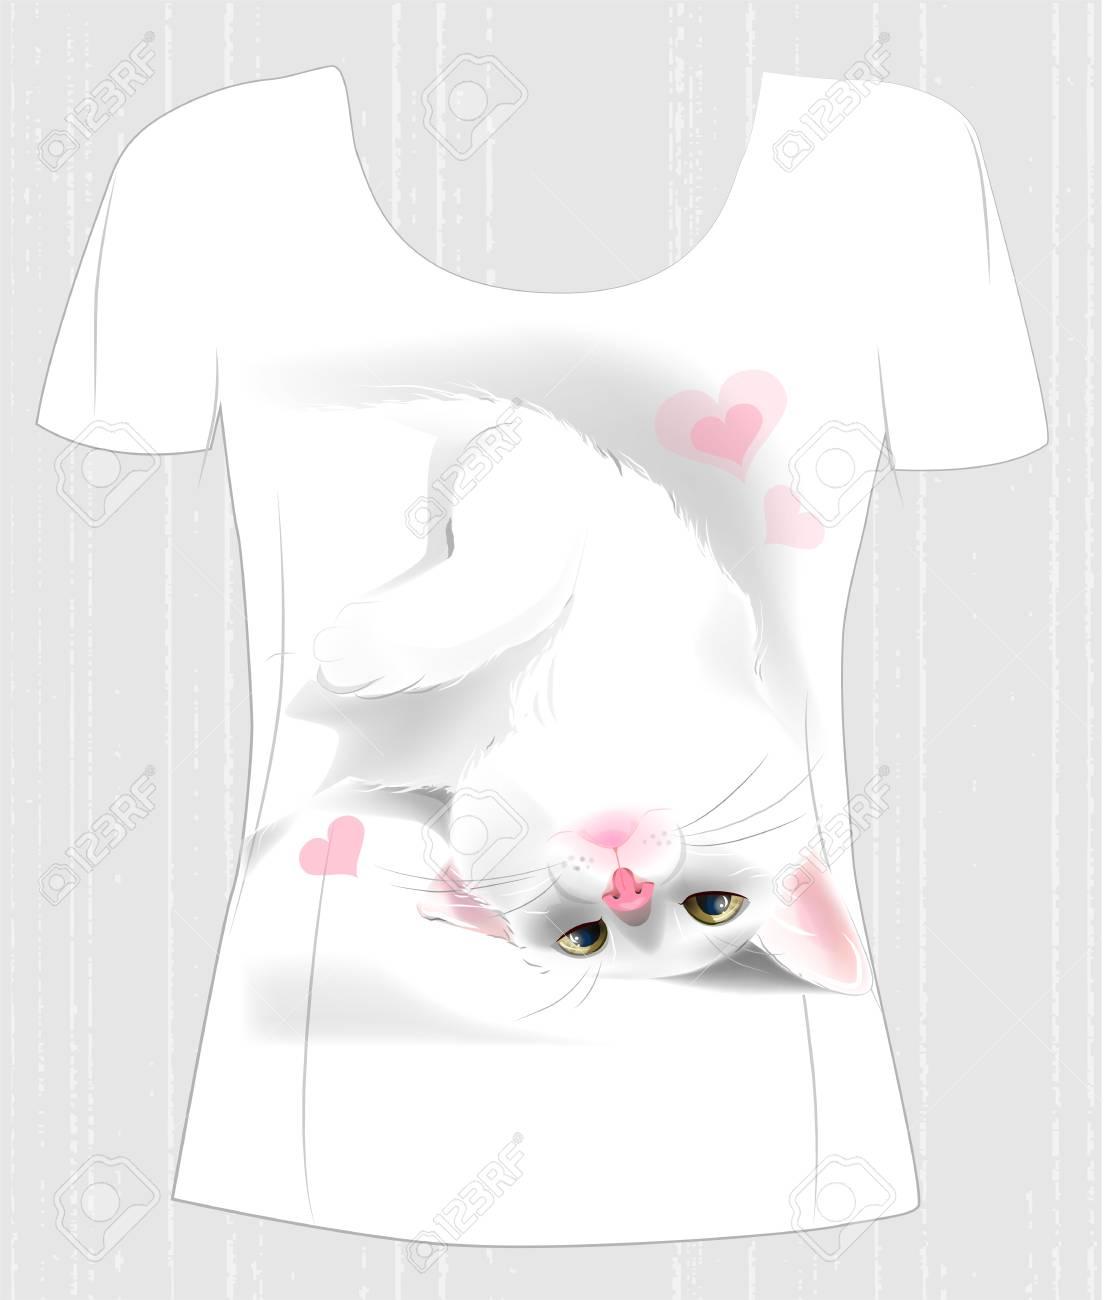 primer nivel online aquí moda de lujo Diseño de camiseta con lúdico gato blanco y corazones. Diseño para camiseta  de mujer. Presente para el día de San Valentín